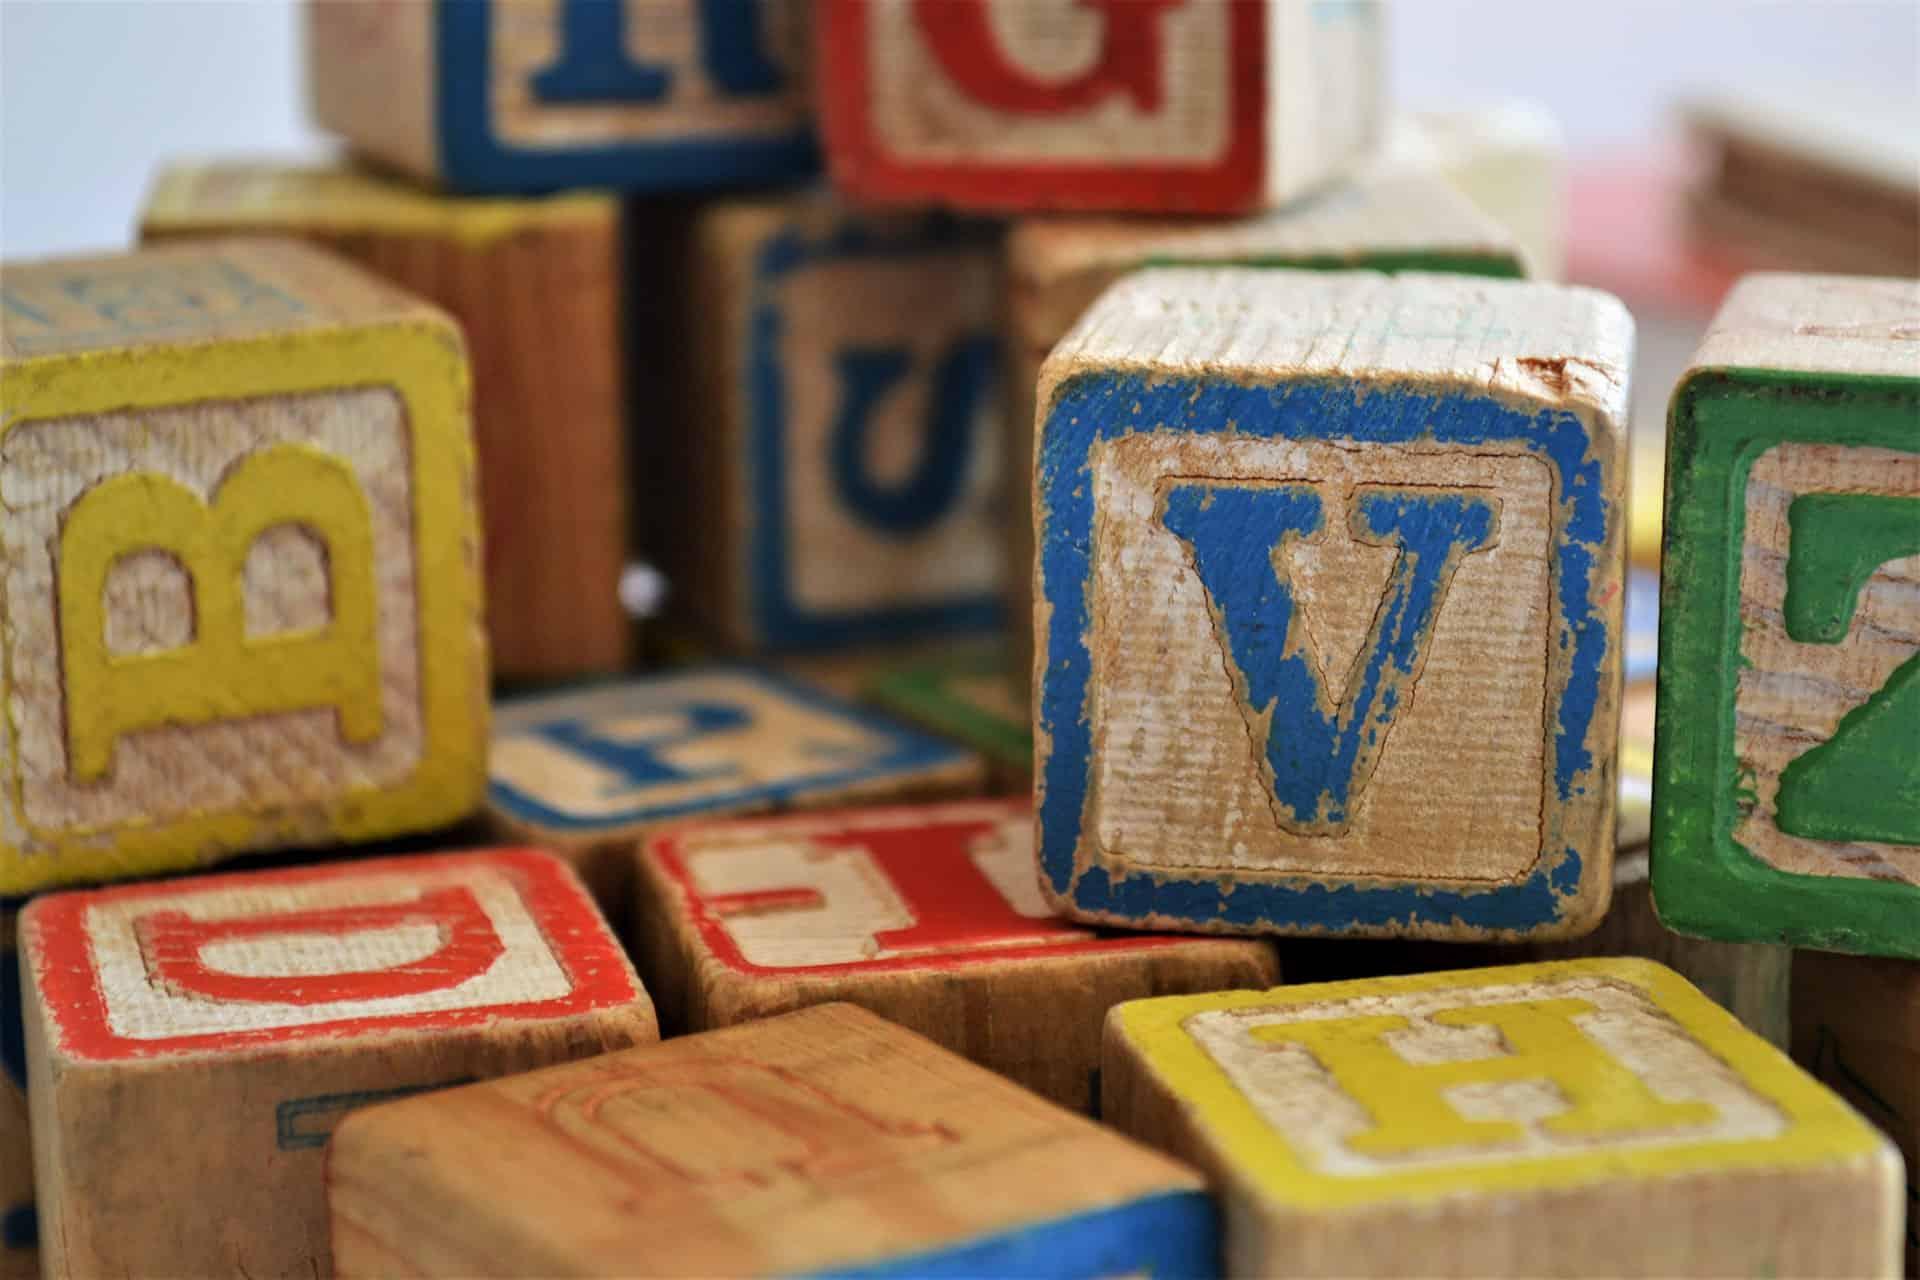 ブロックパターンをカテゴリーで整理整頓する方法